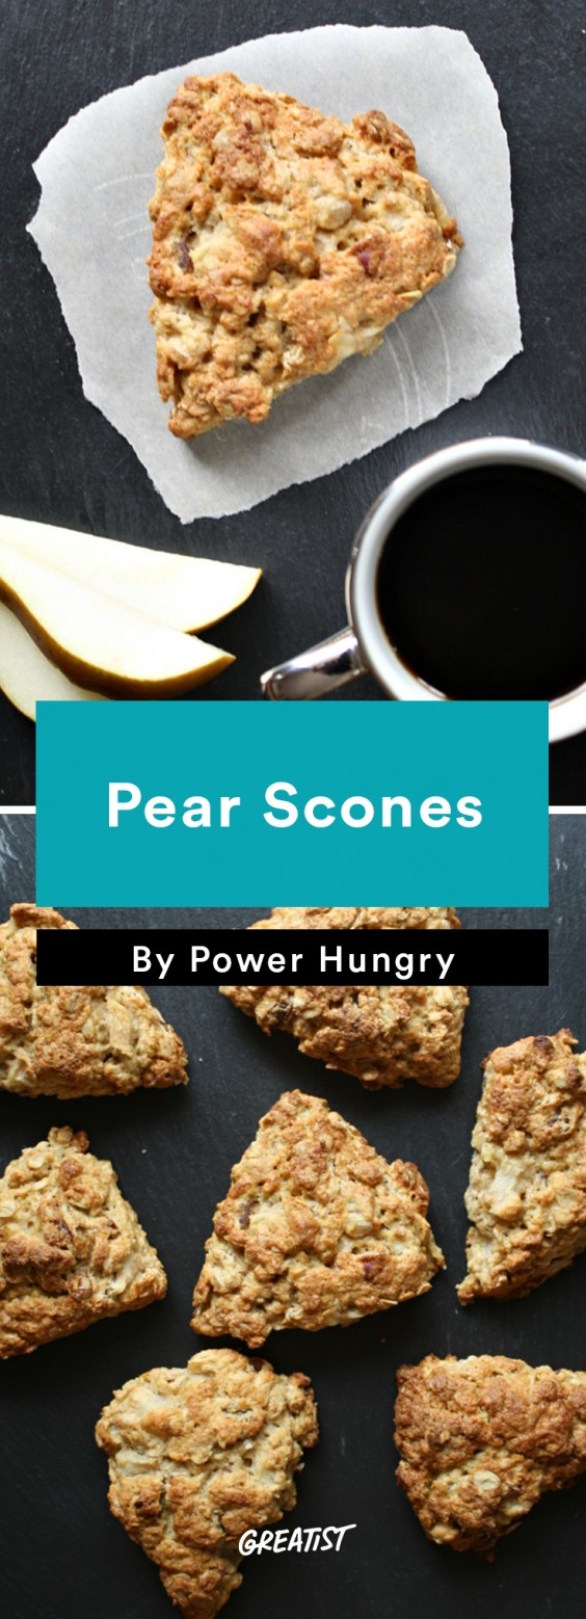 Pear Scones